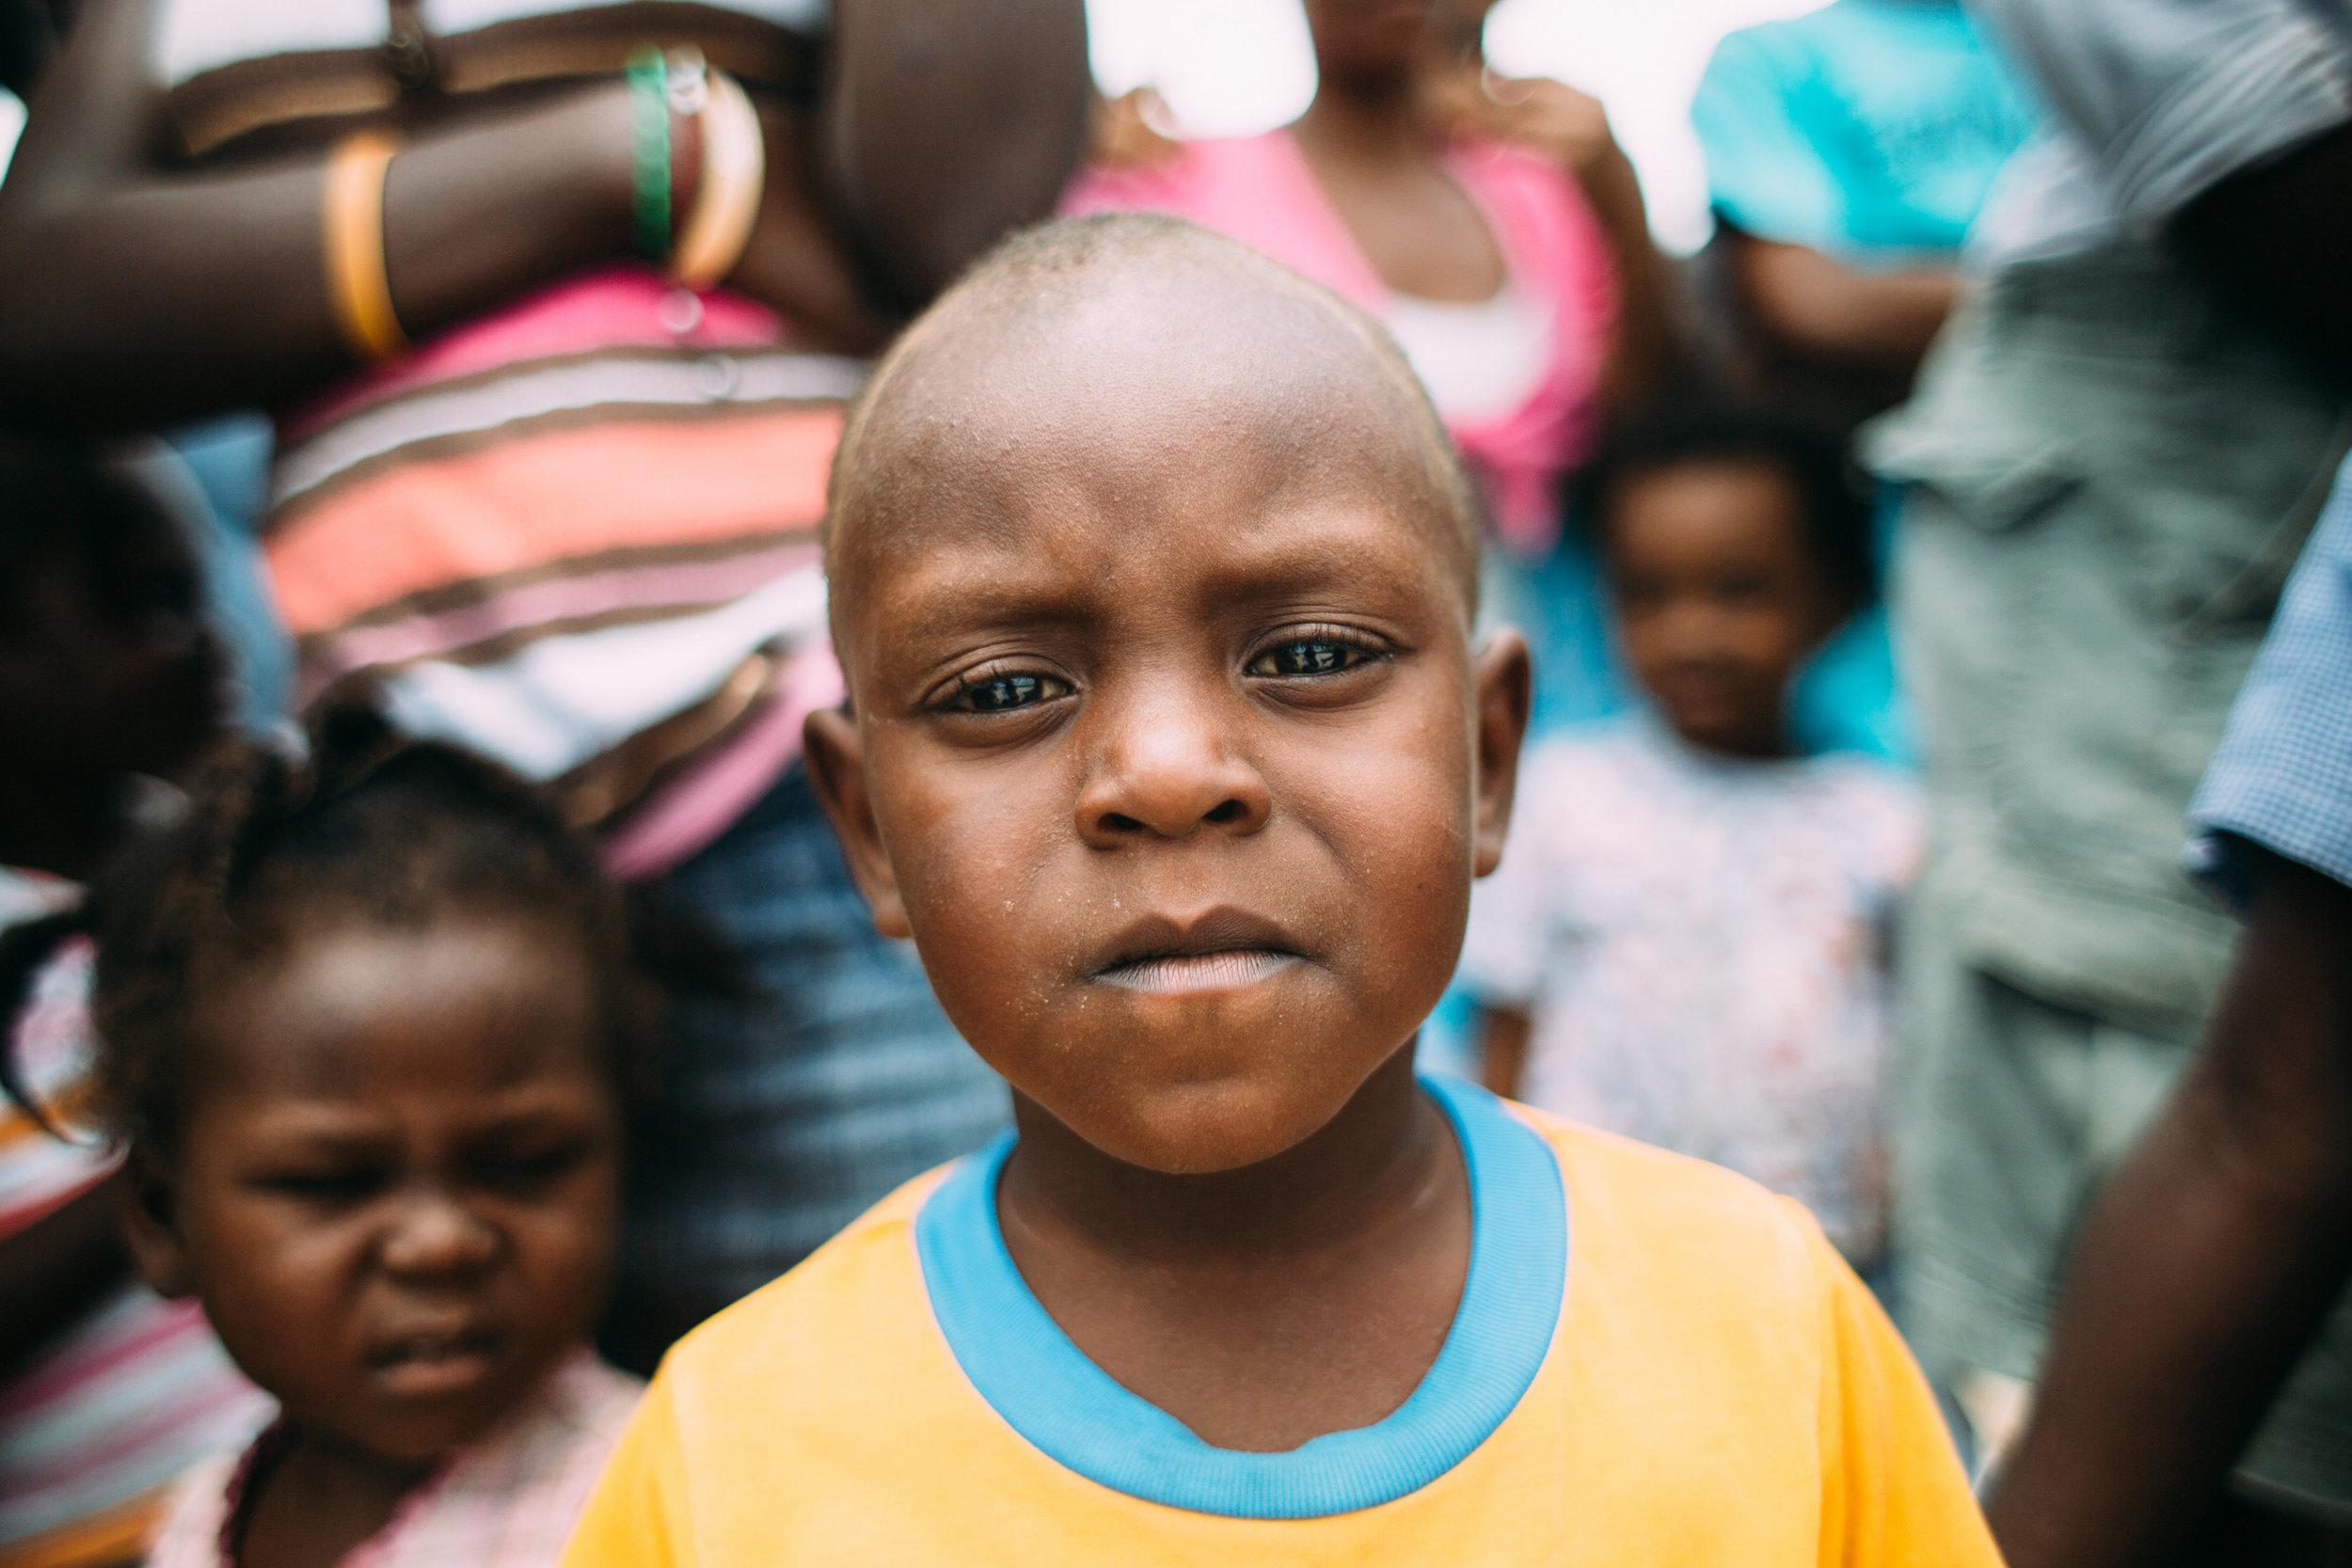 Haiti 2016-Cite Soliel 1-0488.jpg